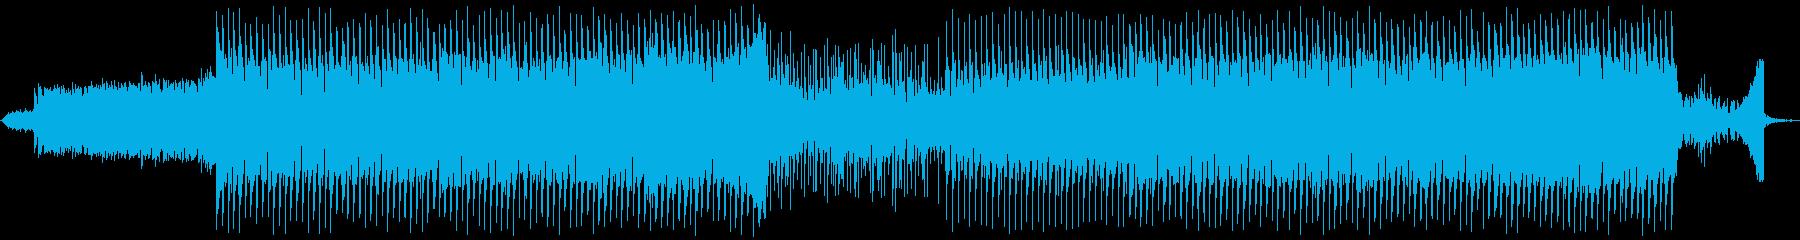 ポップ テクノ 感情的 バラード ...の再生済みの波形